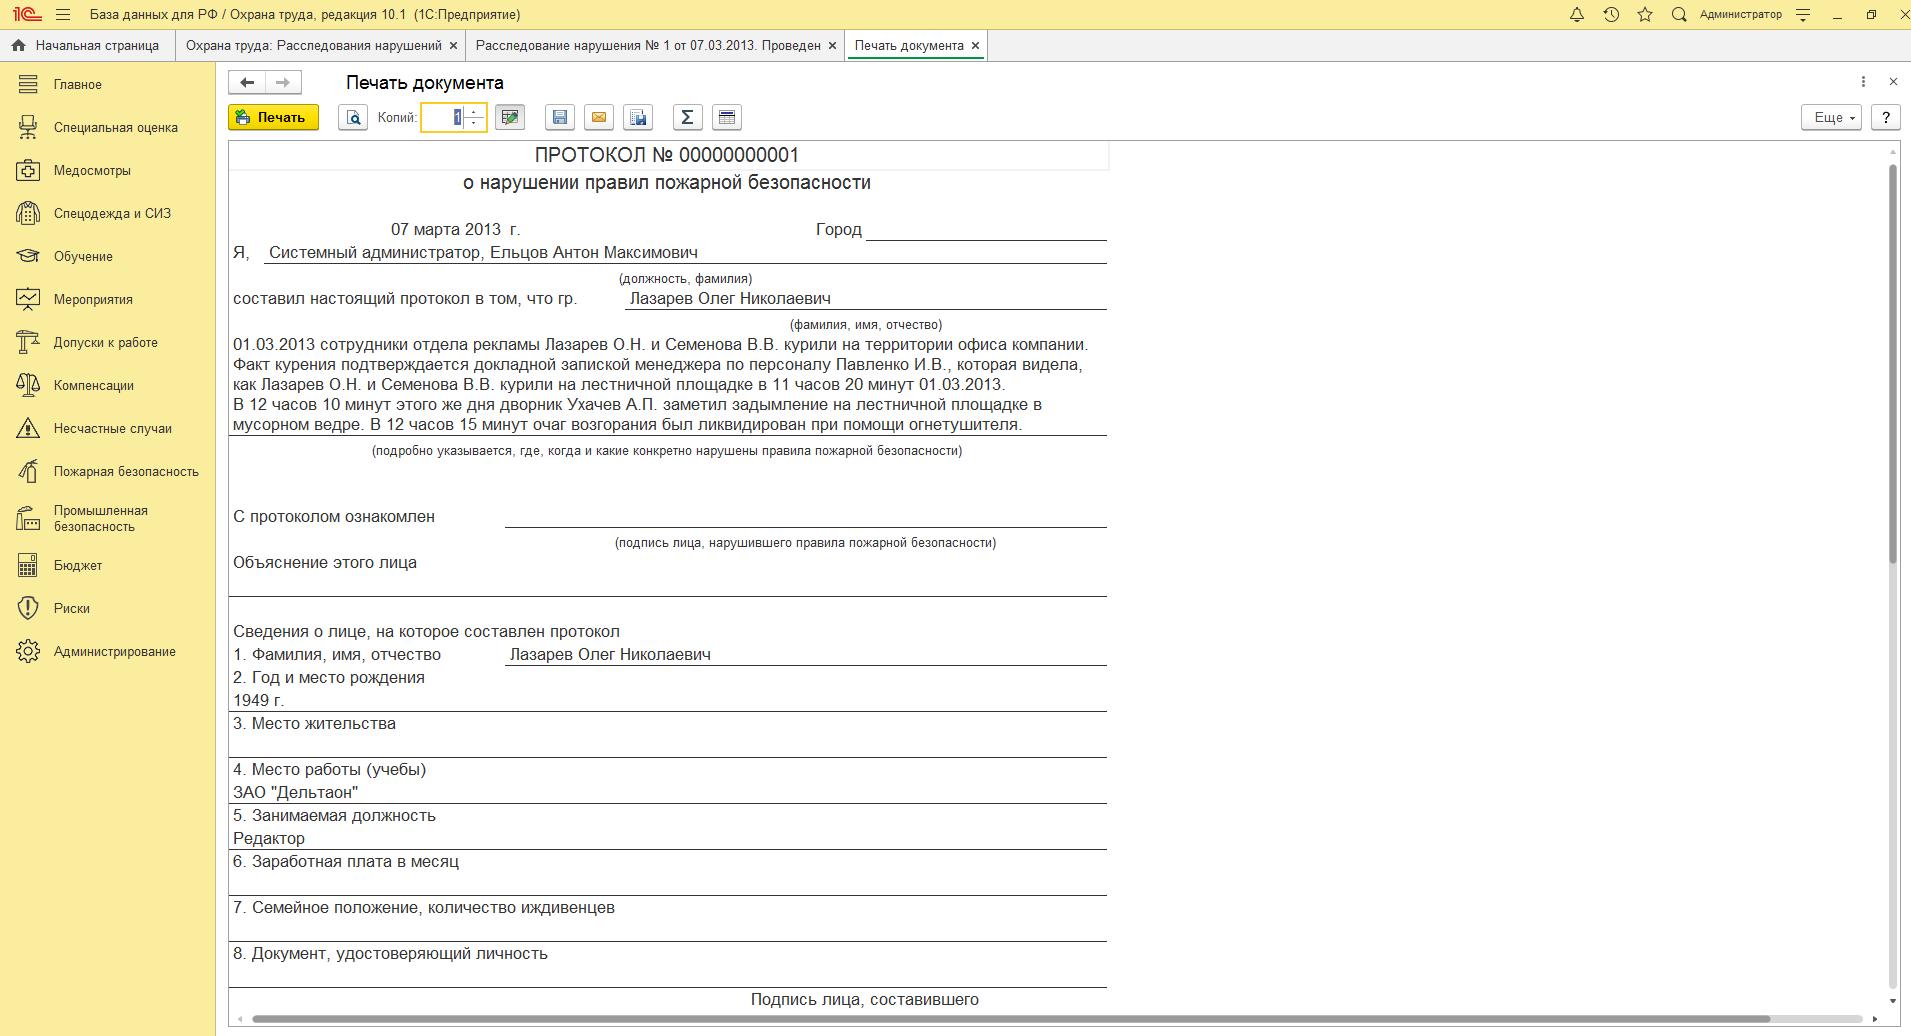 Печатная форма Протокол о нарушении правил пожпрной безопасности в программе Охрана труда для 1С